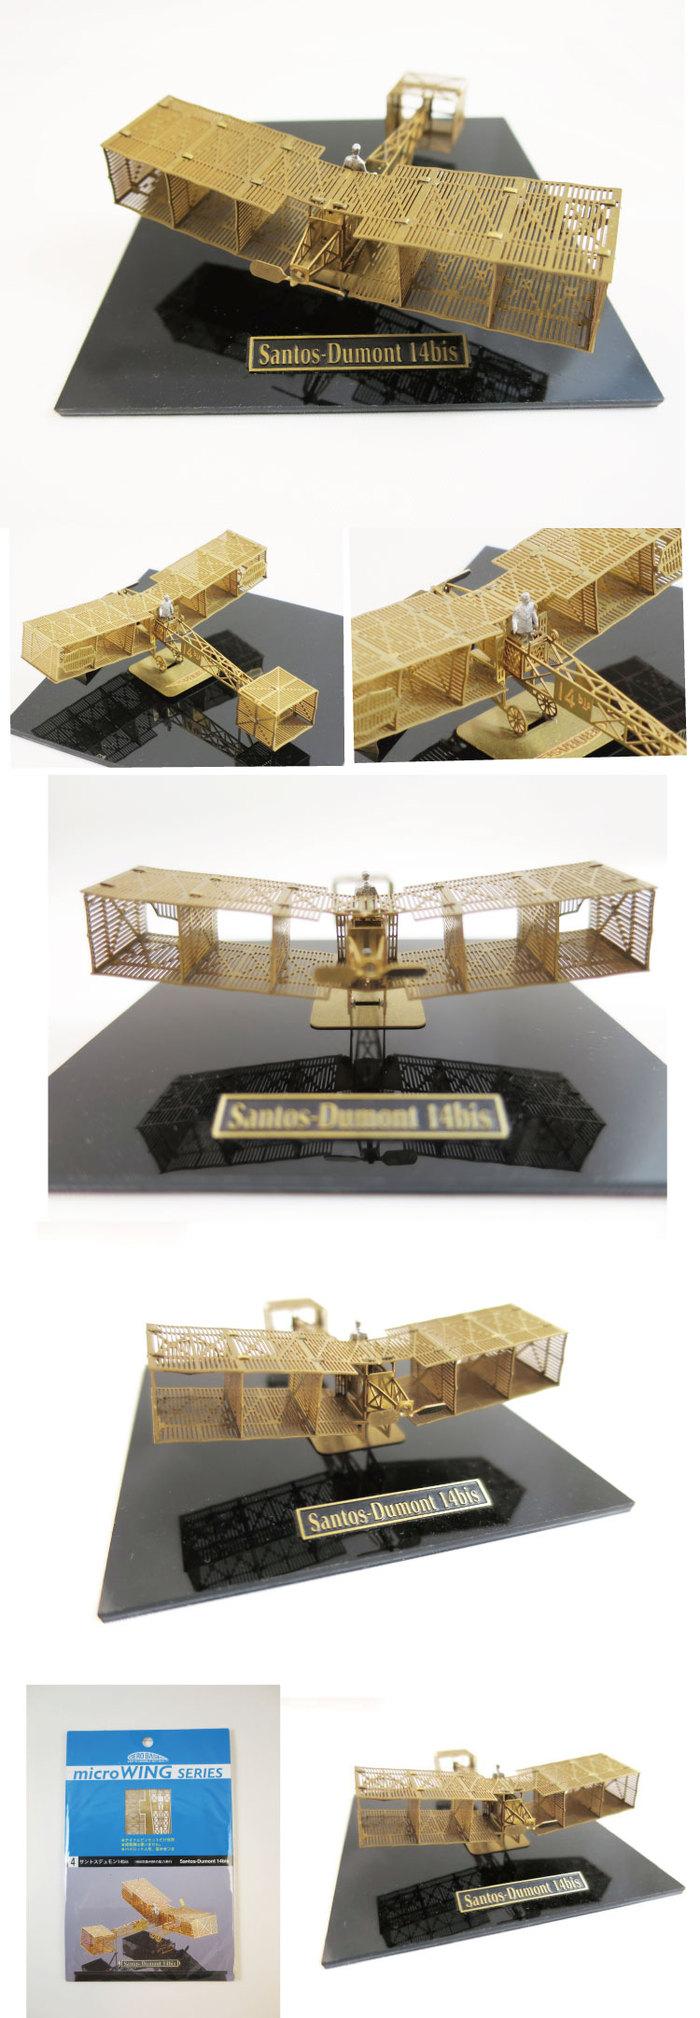 Aerobase|金屬模型組裝飛機Santos Dumont 14bit黃銅版(1/160)